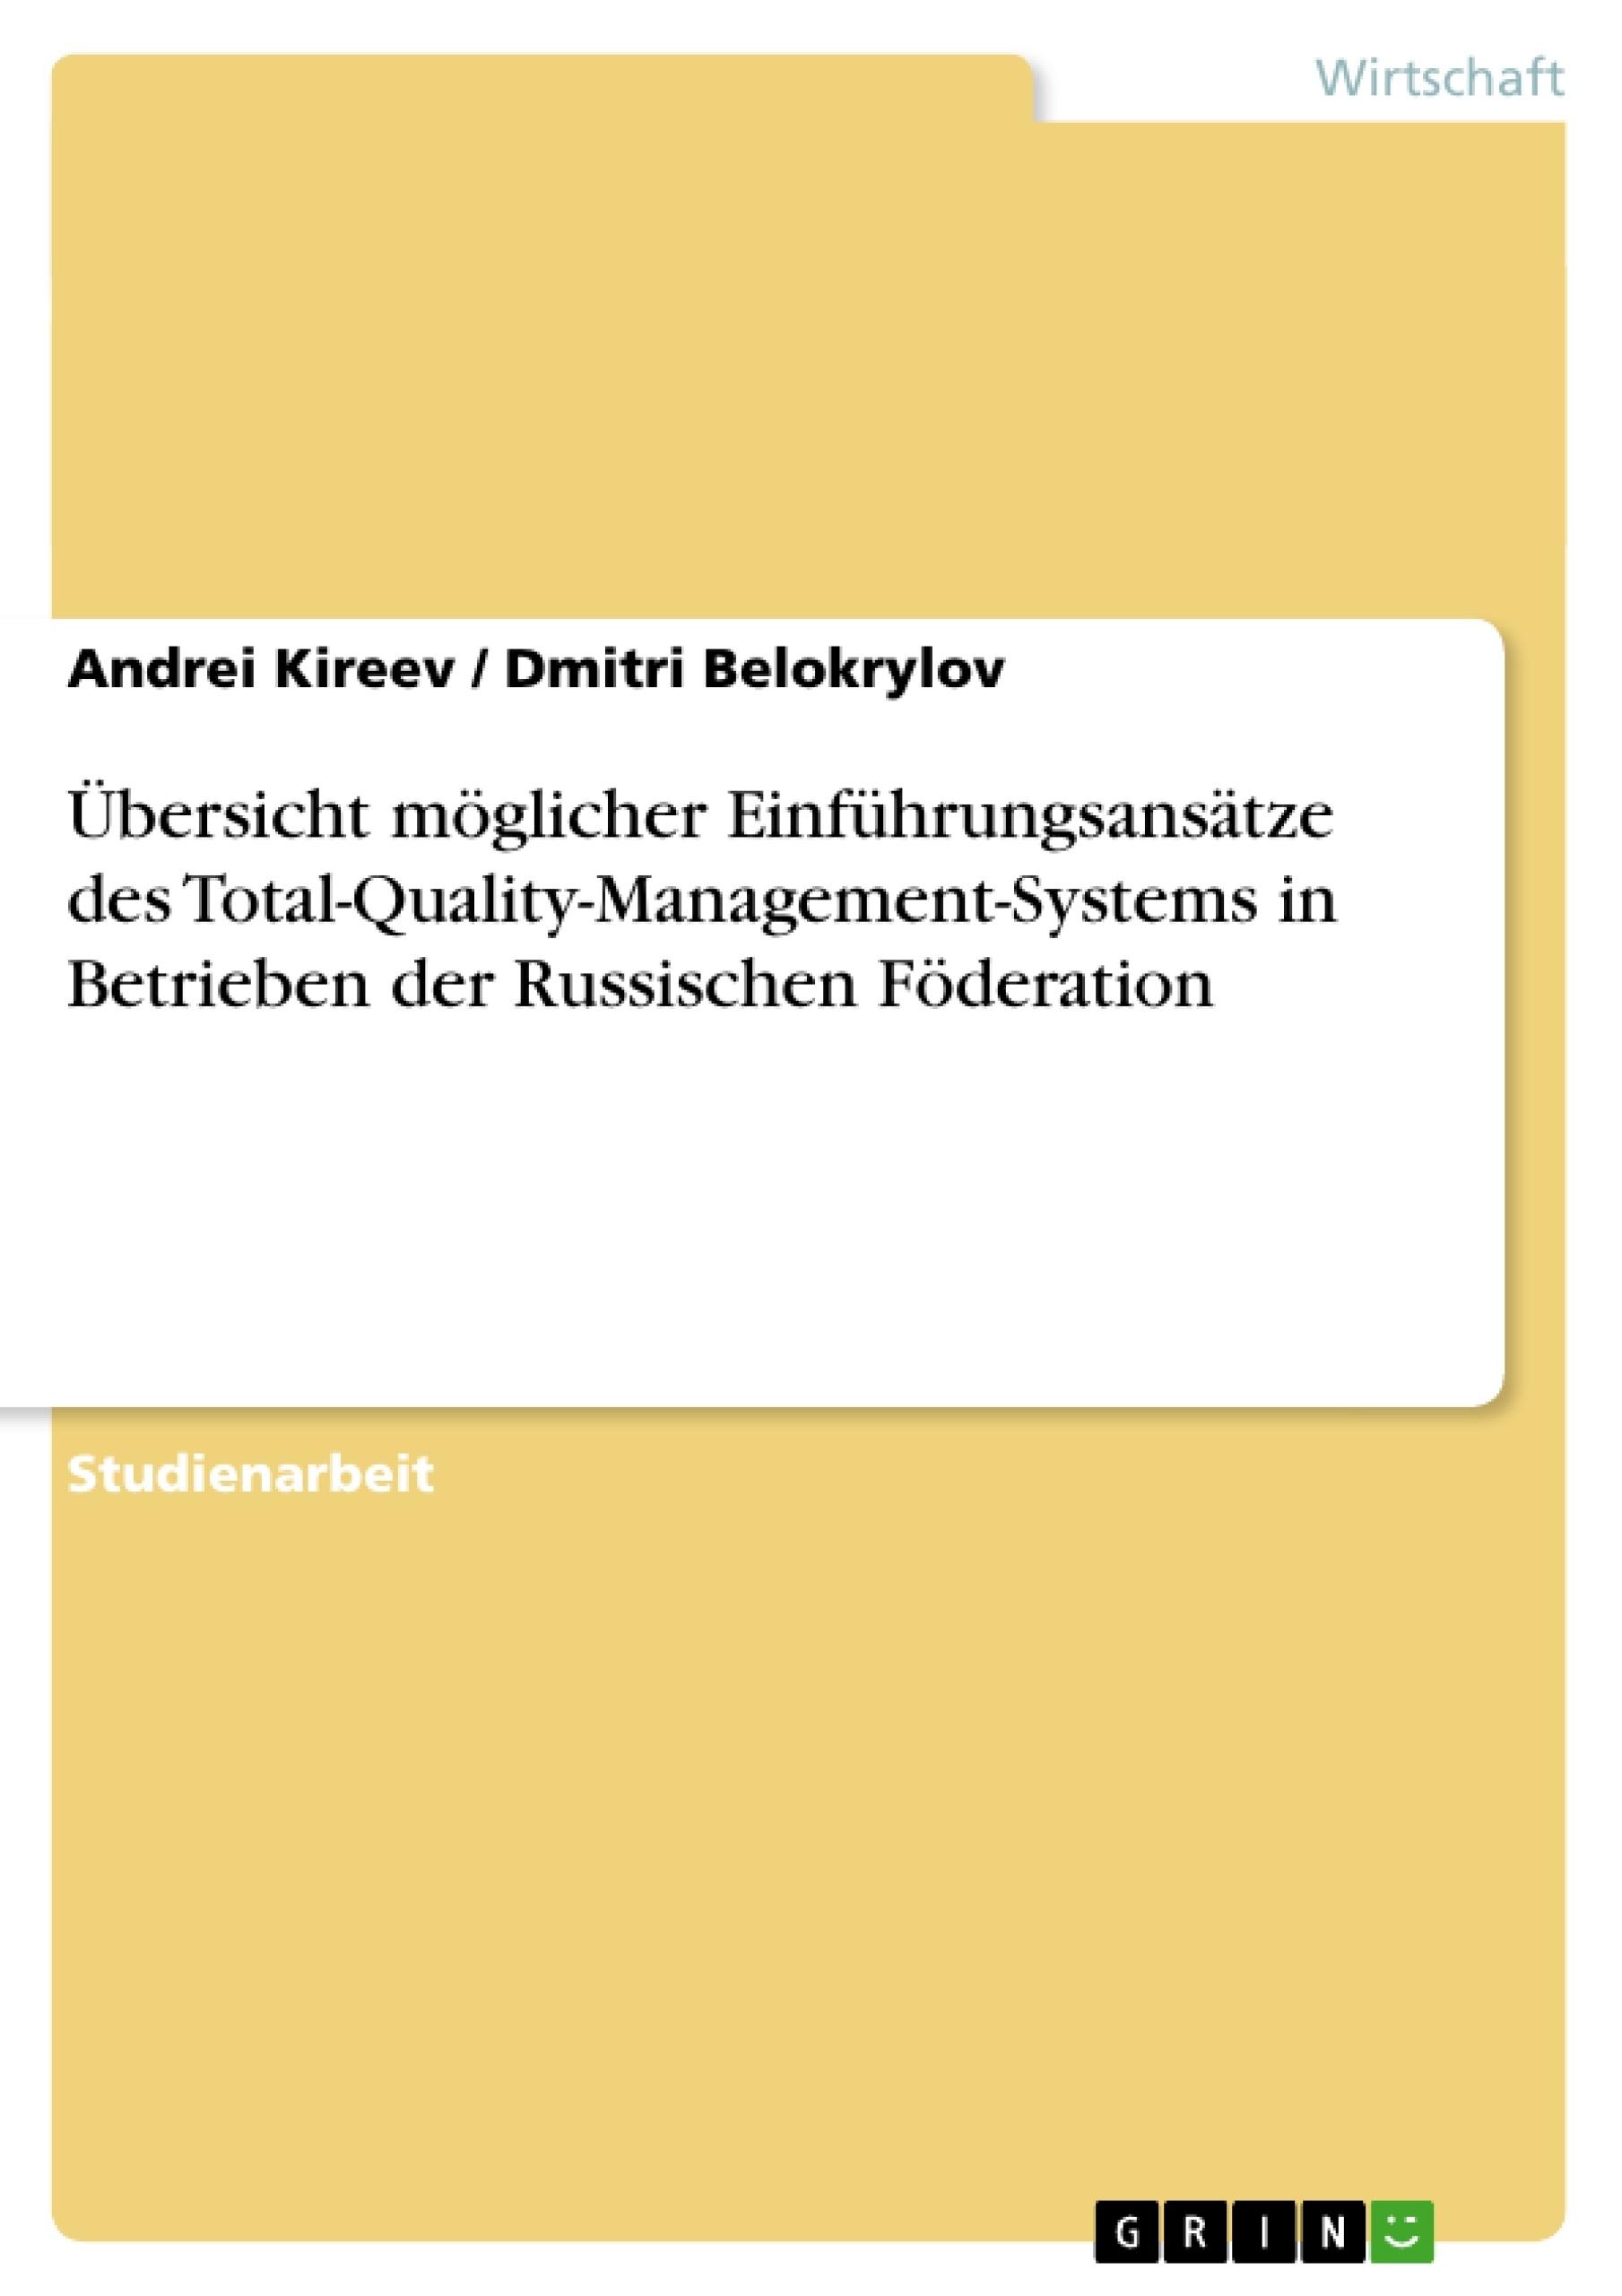 Titel: Übersicht möglicher Einführungsansätze des Total-Quality-Management-Systems in Betrieben der Russischen Föderation